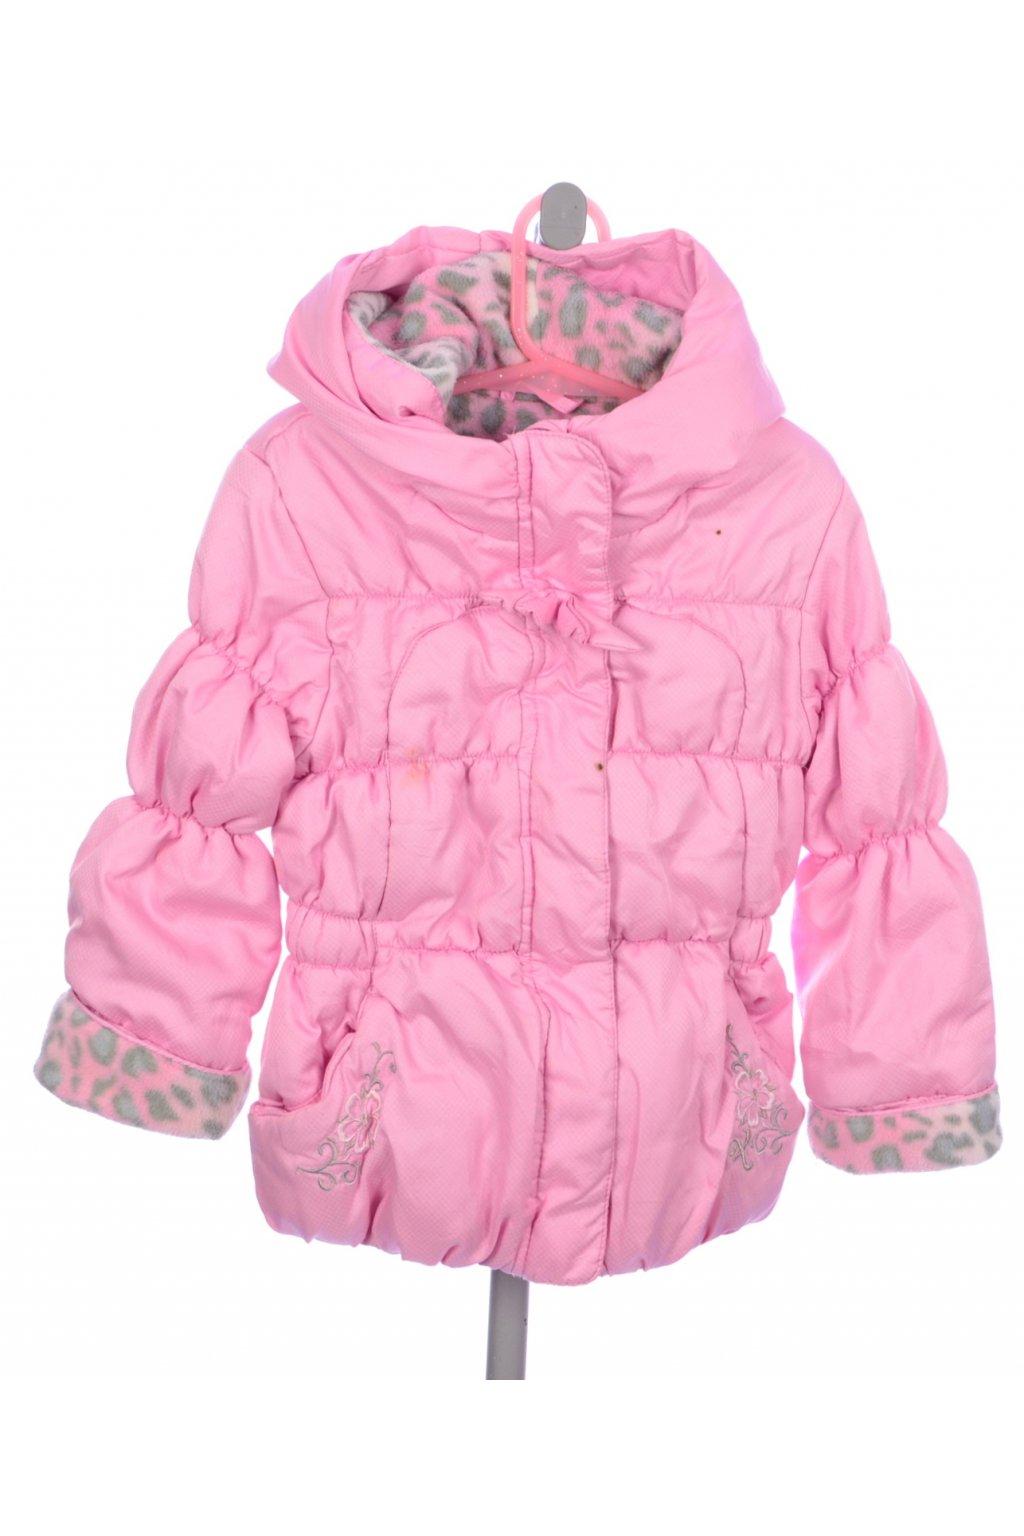 Bunda zimní 3-4/104 růžová s vyšíváním VADA